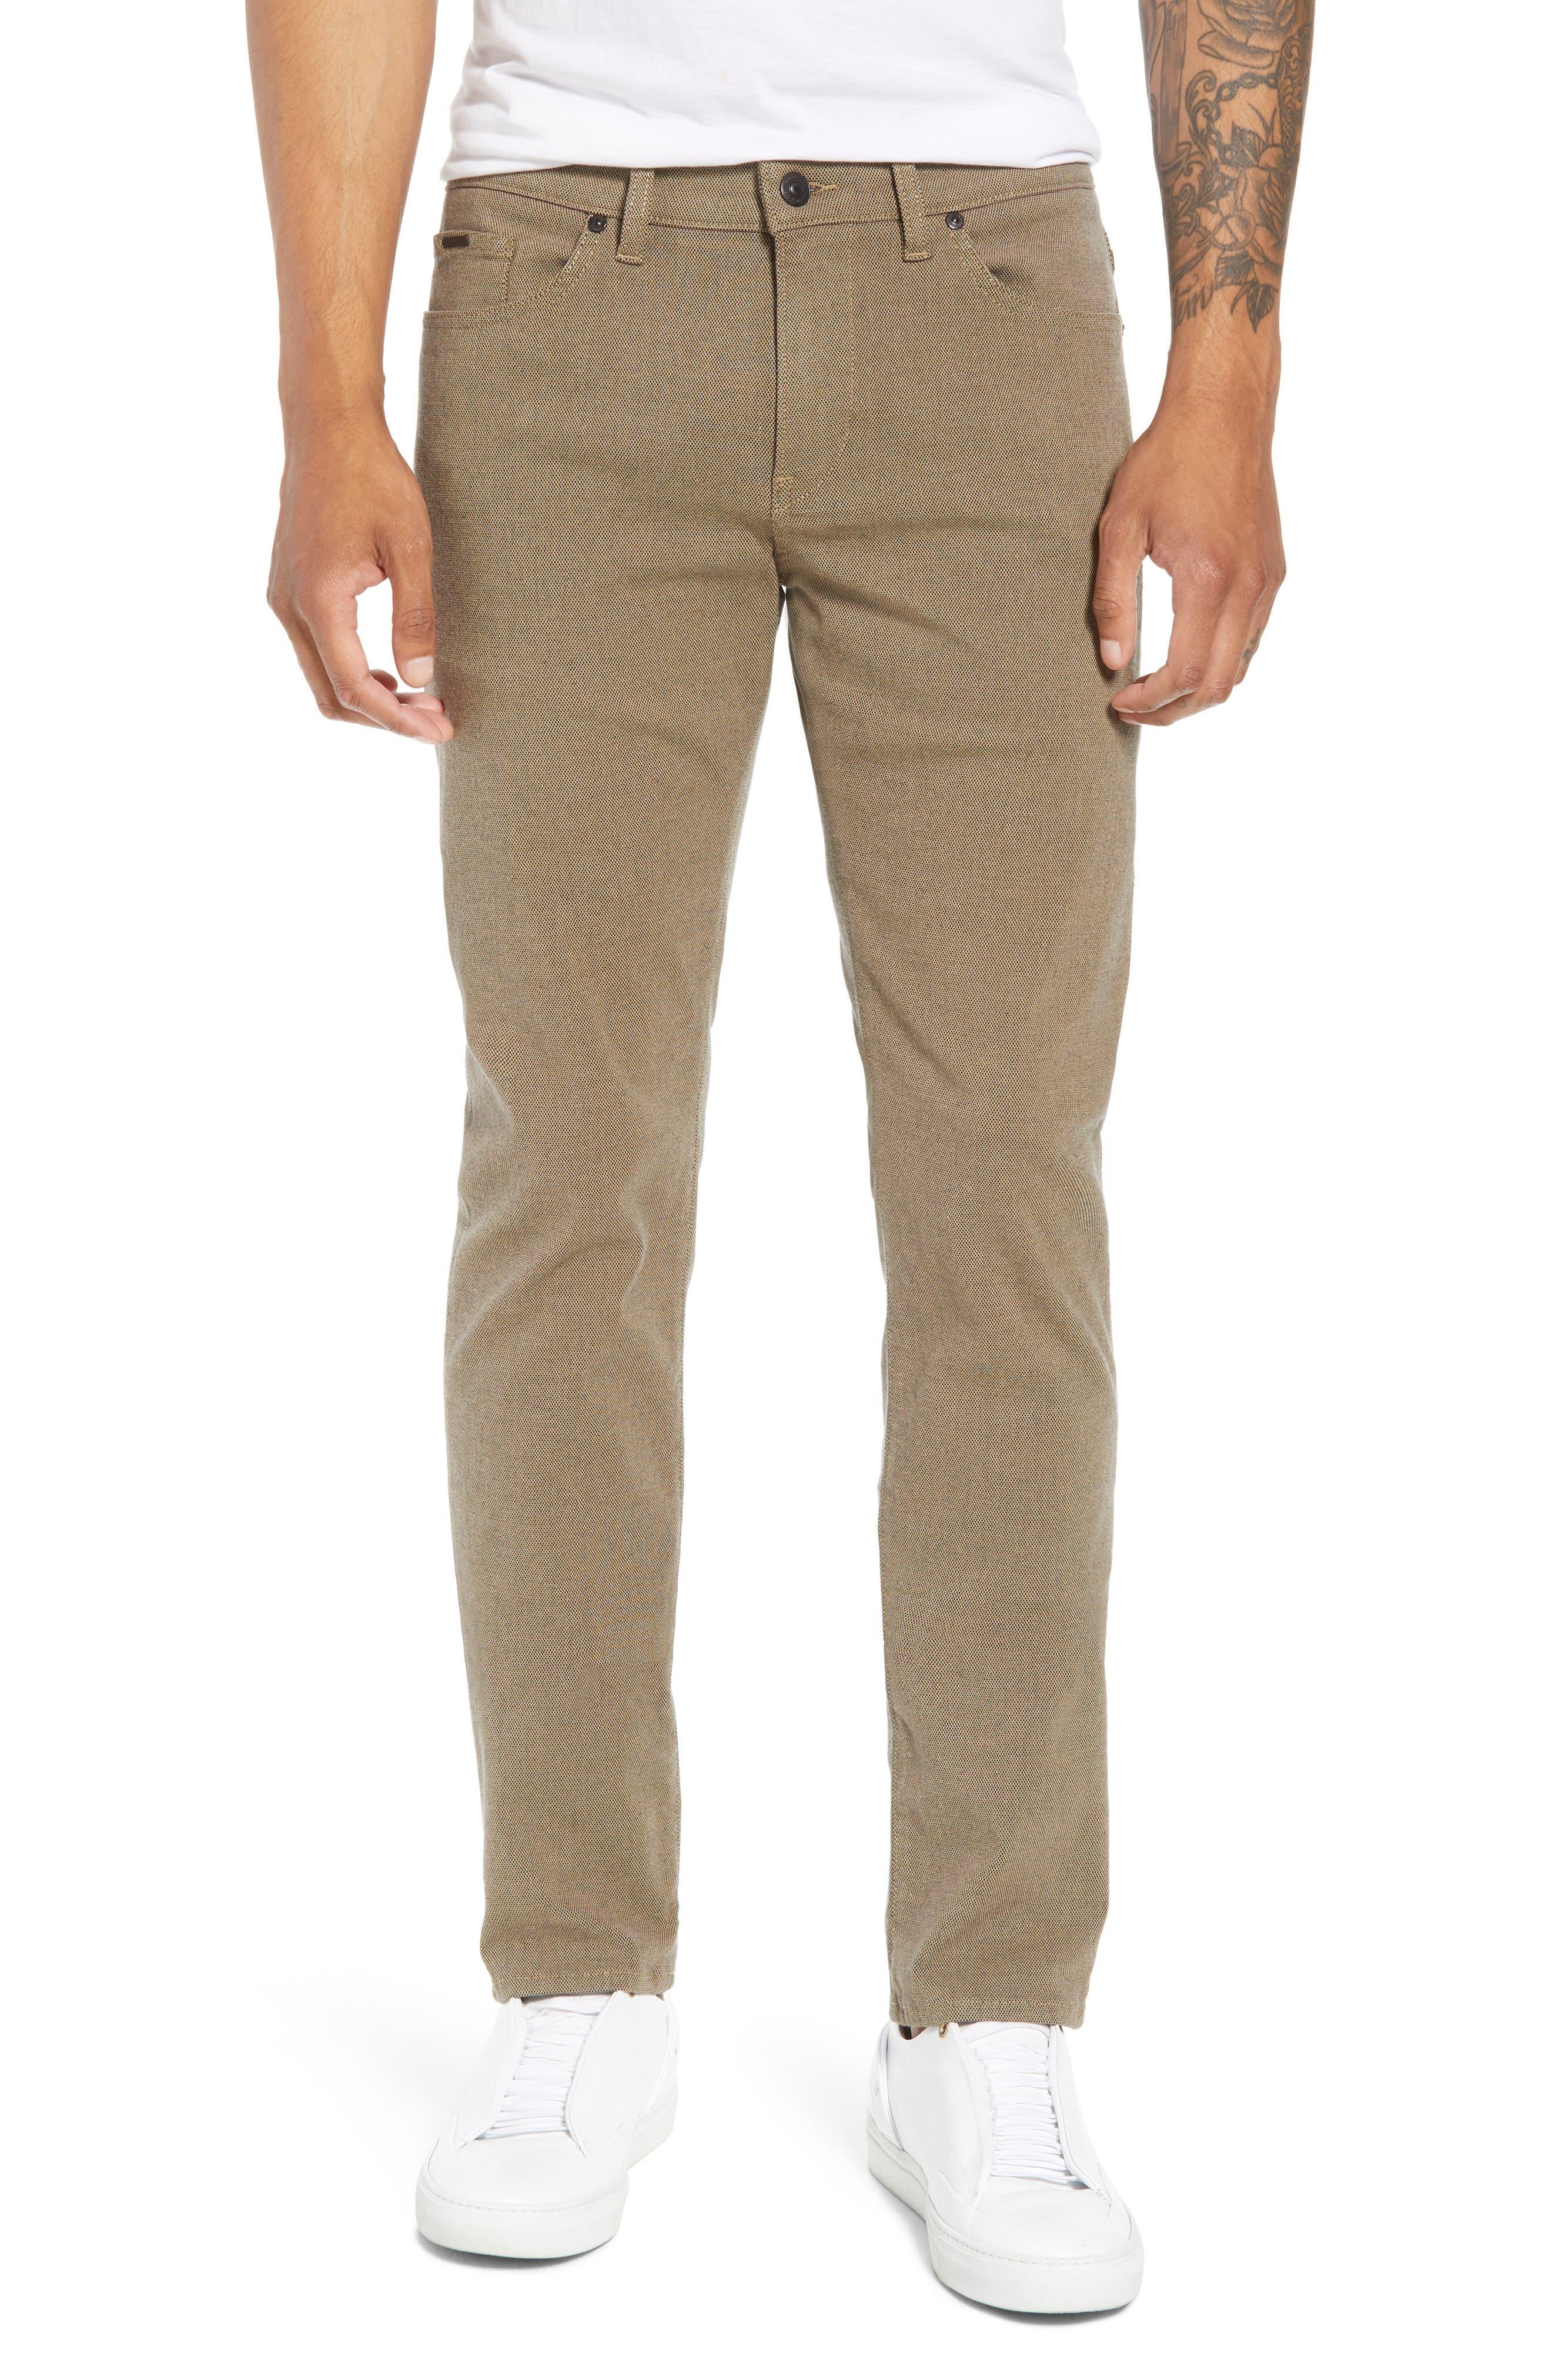 Delaware Slim Fit Pants,                         Main,                         color, TAN